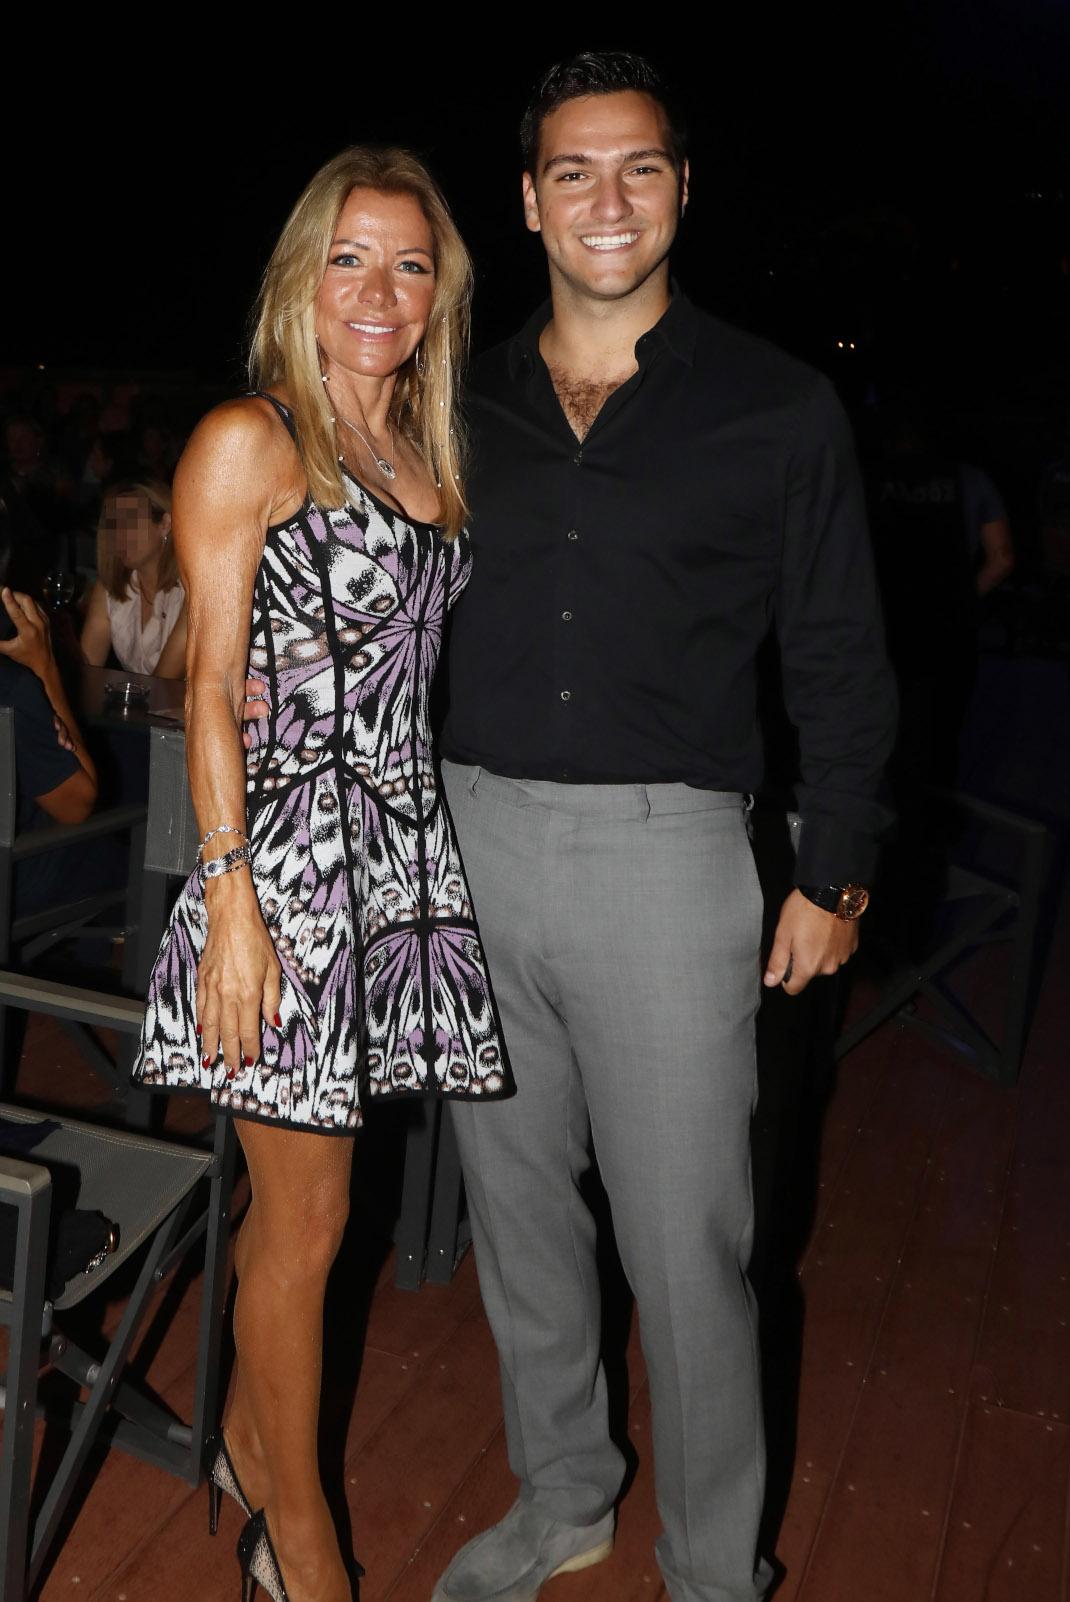 Μαριάννα Λάτση με τον γιο της, Φίλιππο Κούρκουλο